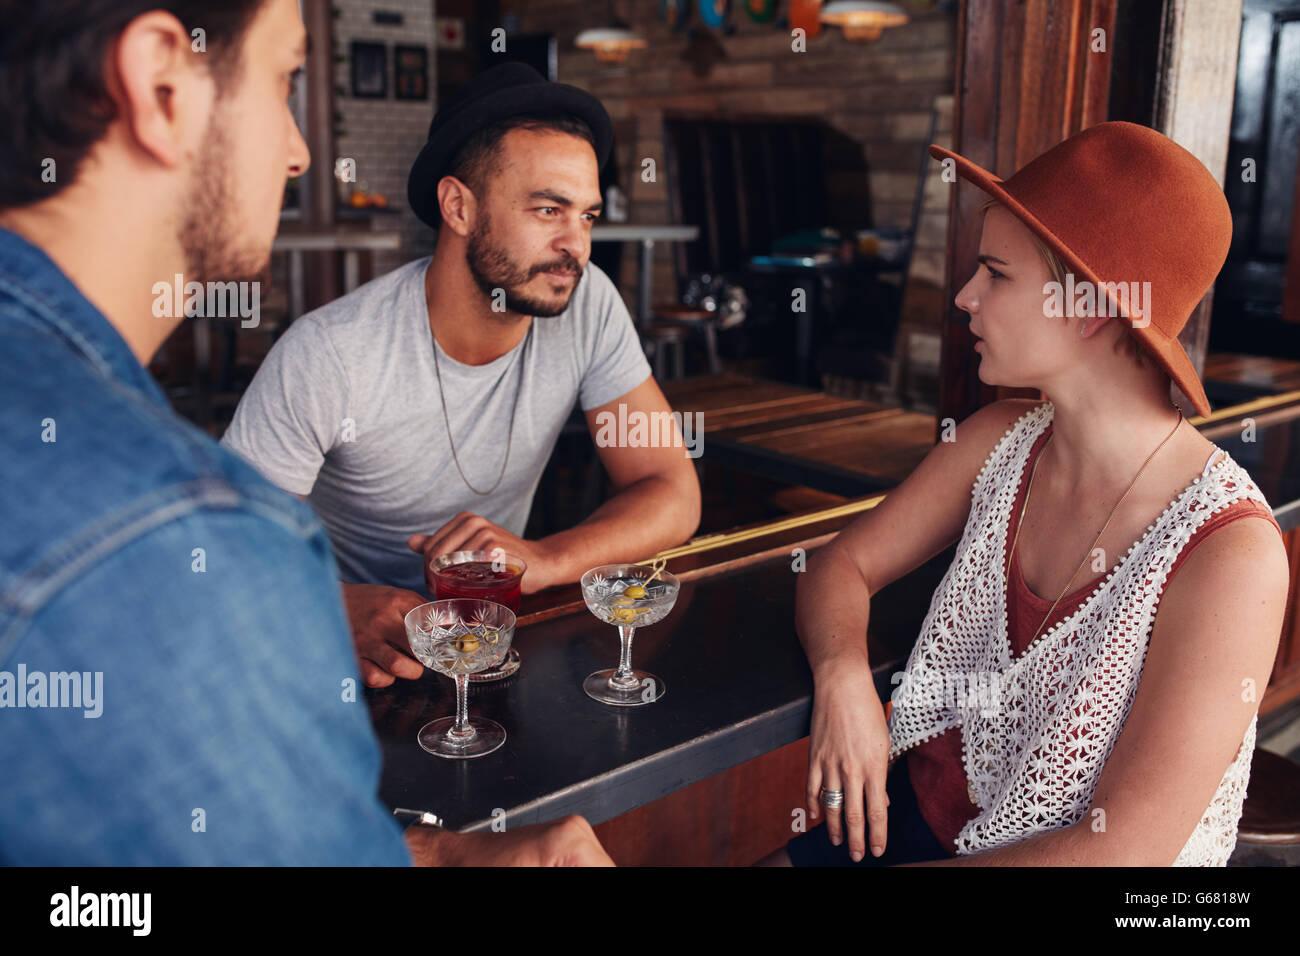 Grupo de jóvenes amigos, sentarse y conversar en un café. Los jóvenes, hombres y mujeres, reunidos Imagen De Stock